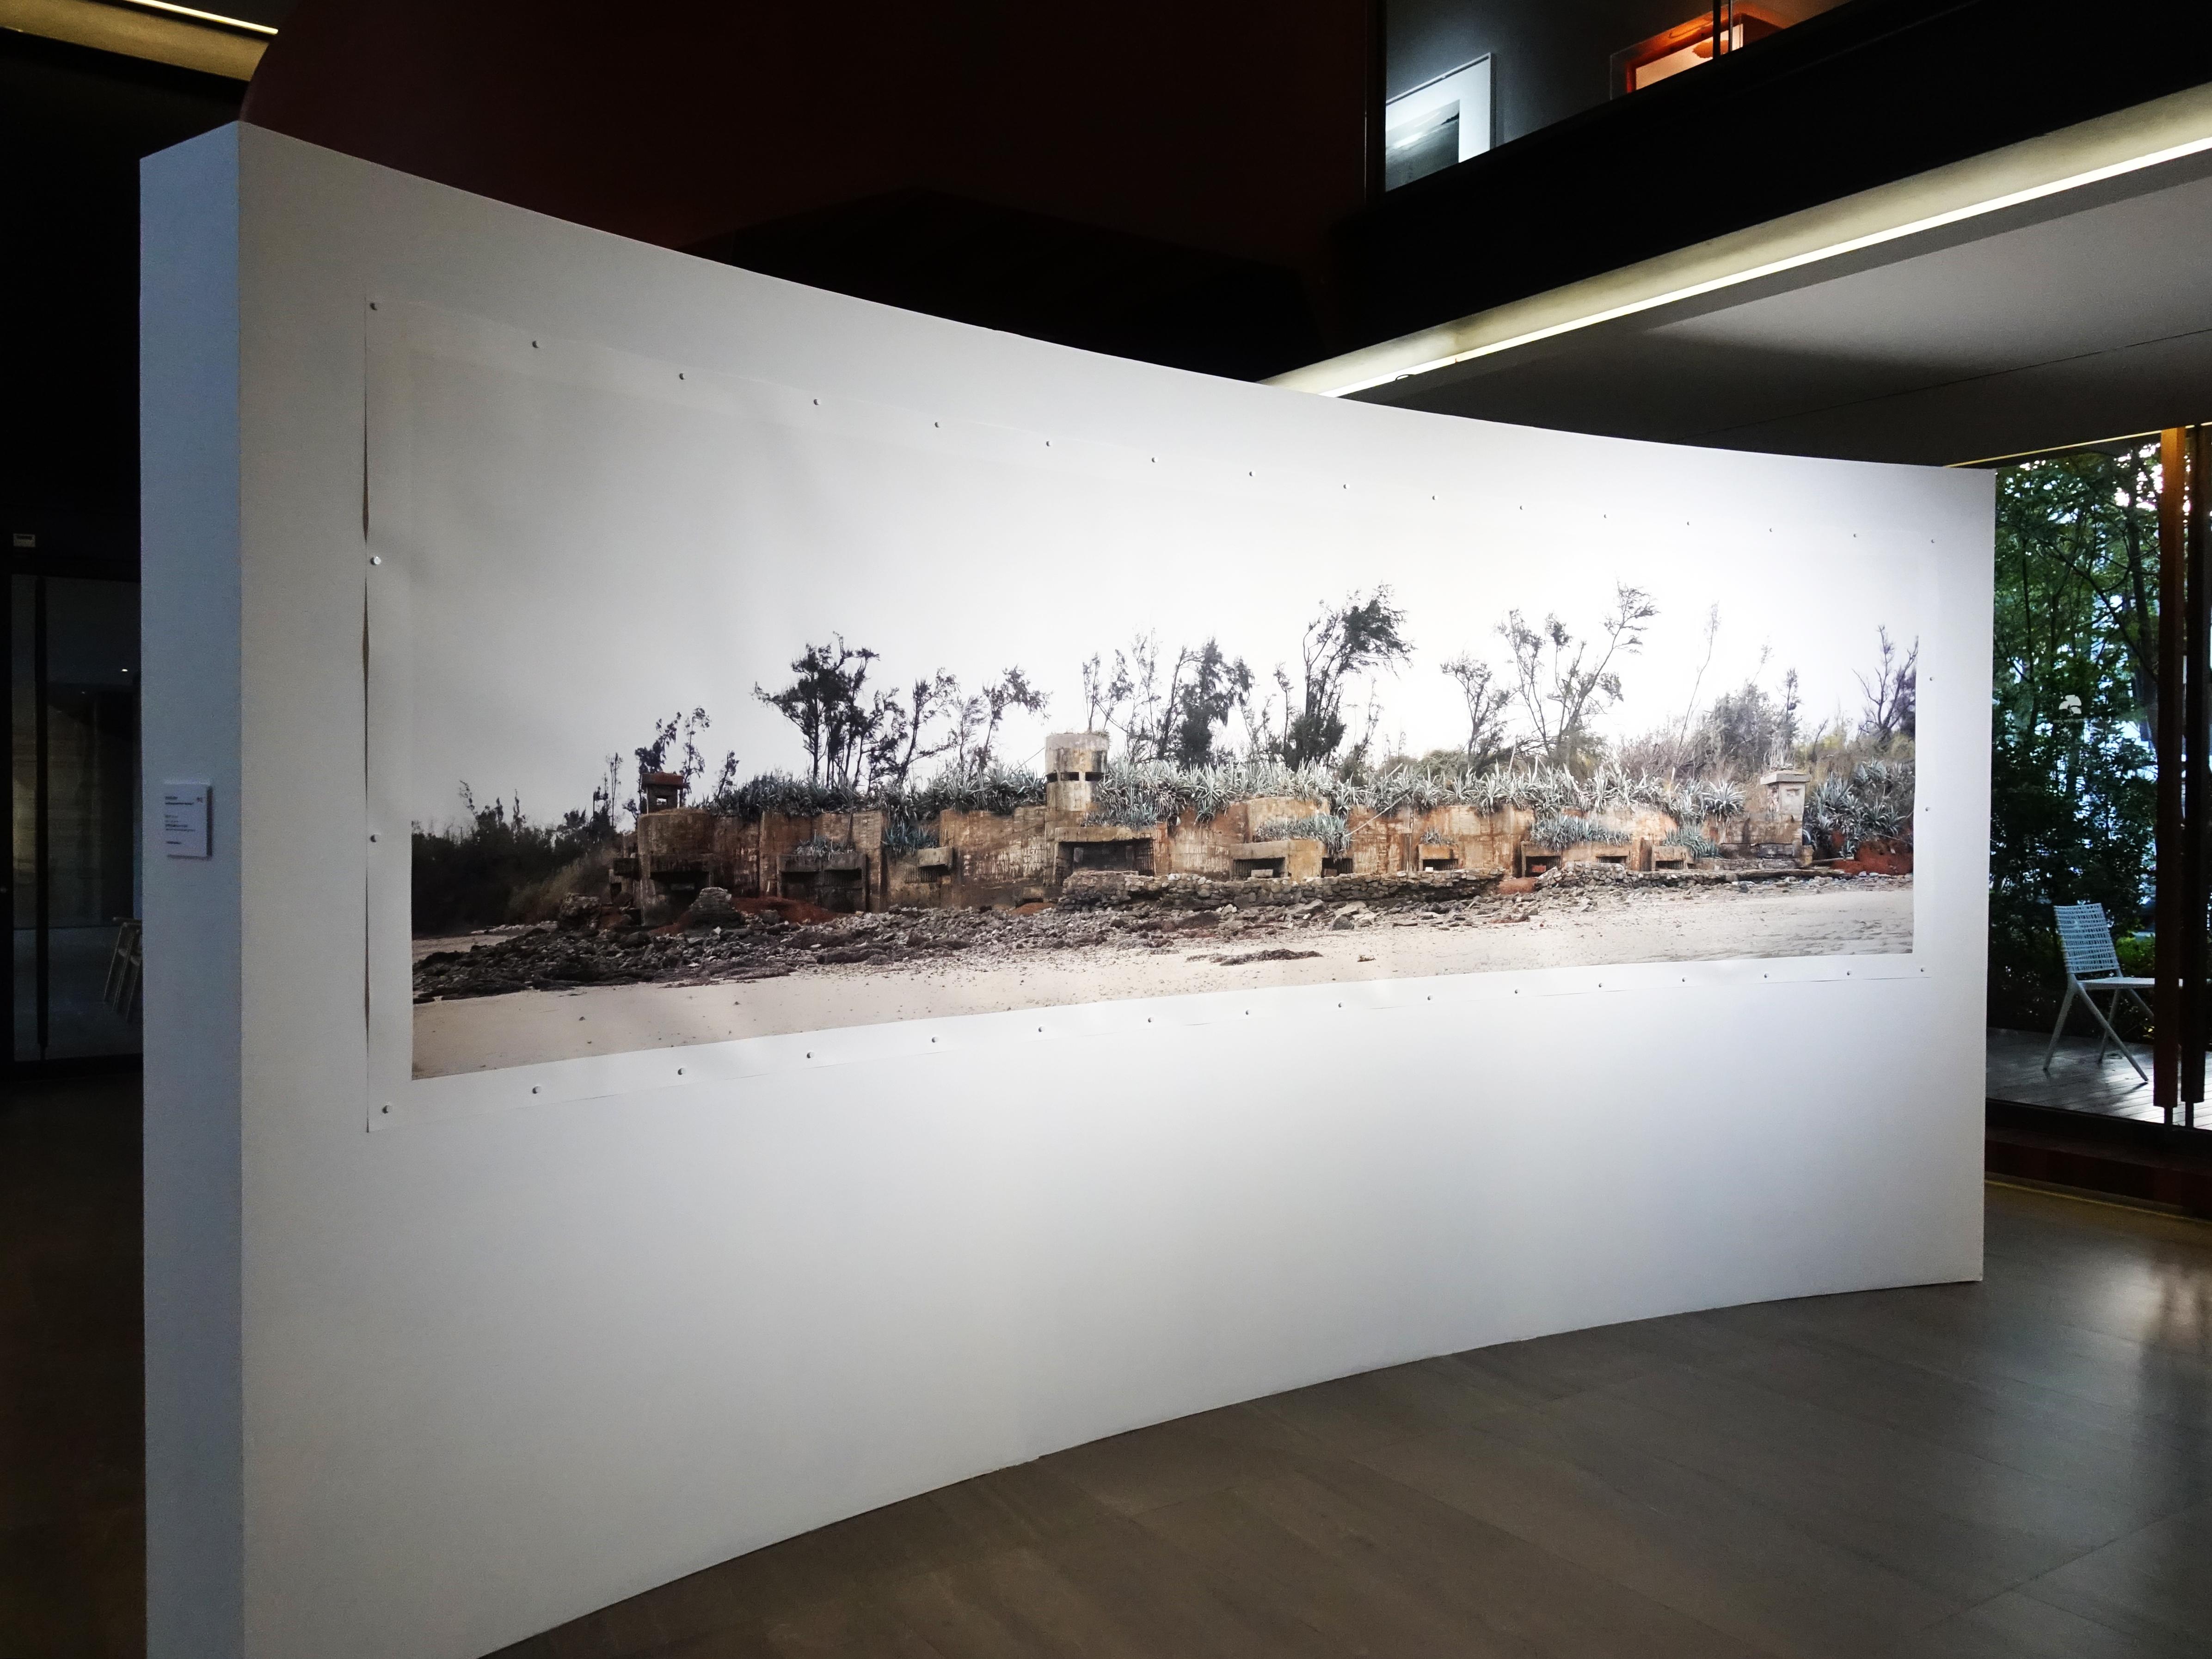 陸府生活美學教育基金會展出『歷史造景』劉芸怡個展。